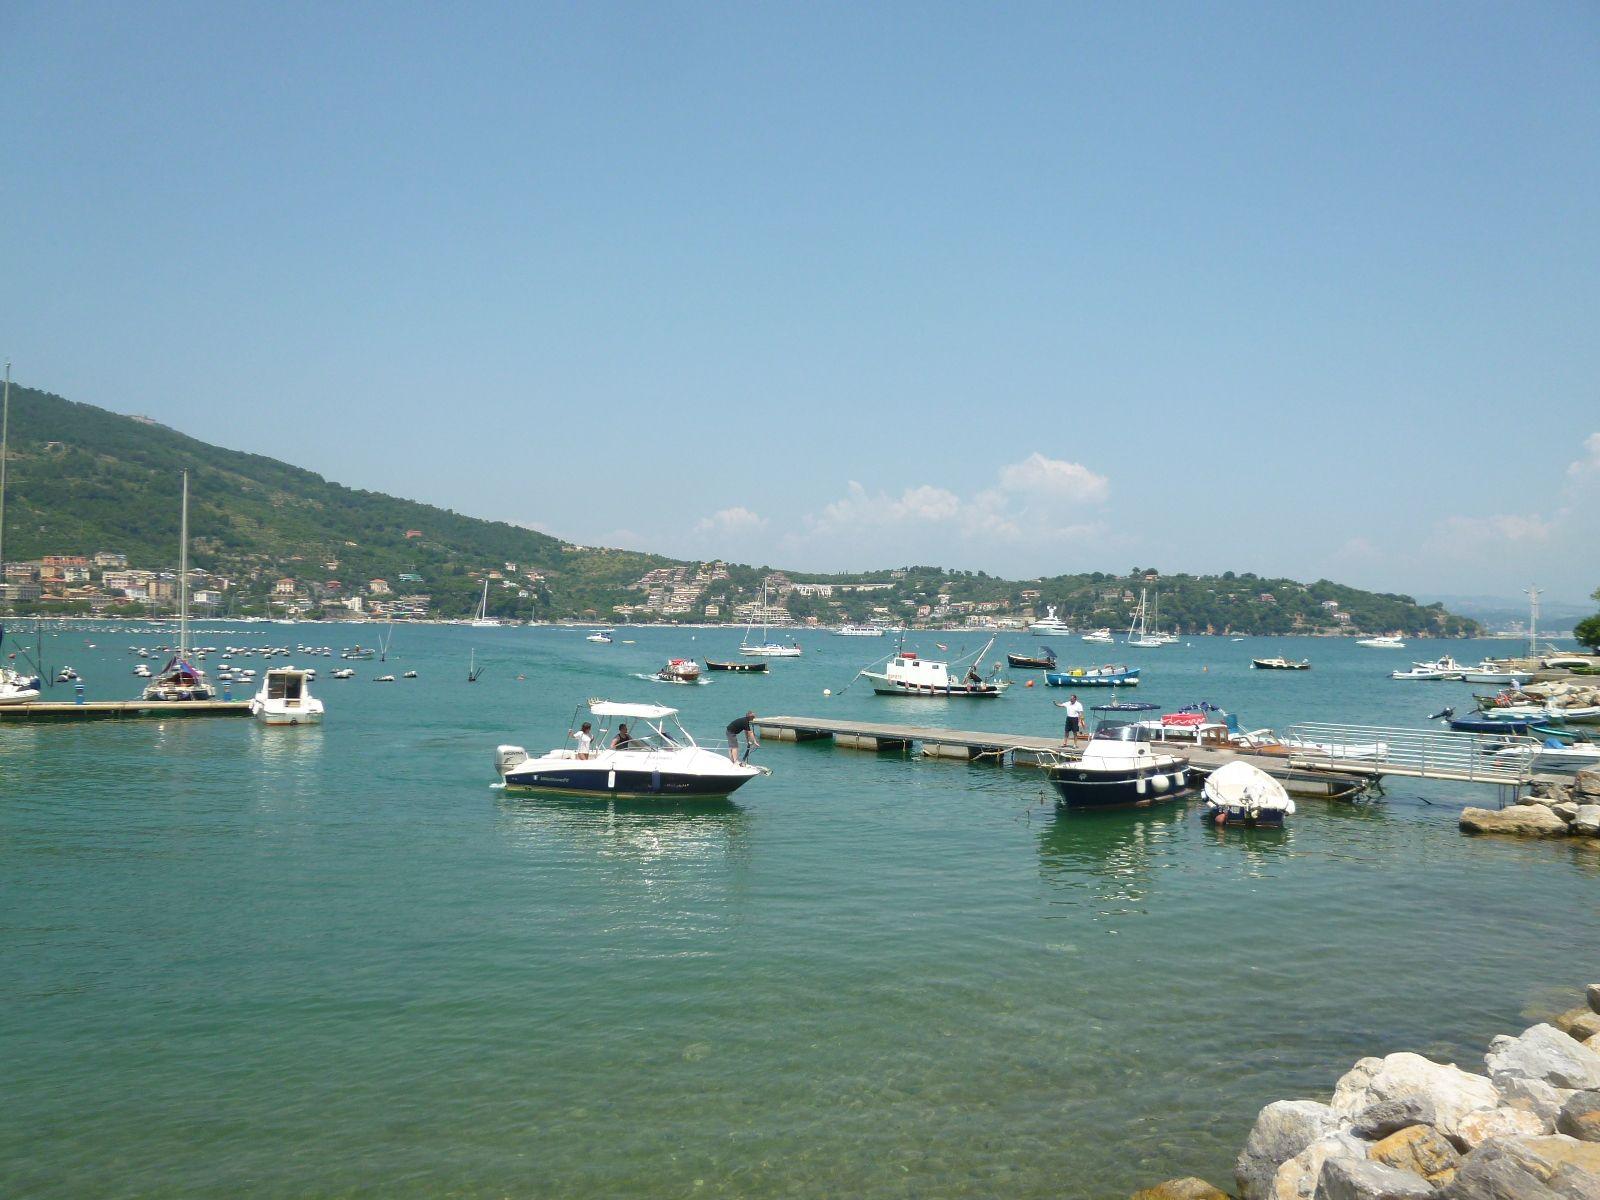 """Pranzo, Ristorante di """"Locanda Lorena"""", Palmaria Portovenere Liguria Italia (Luglio)"""